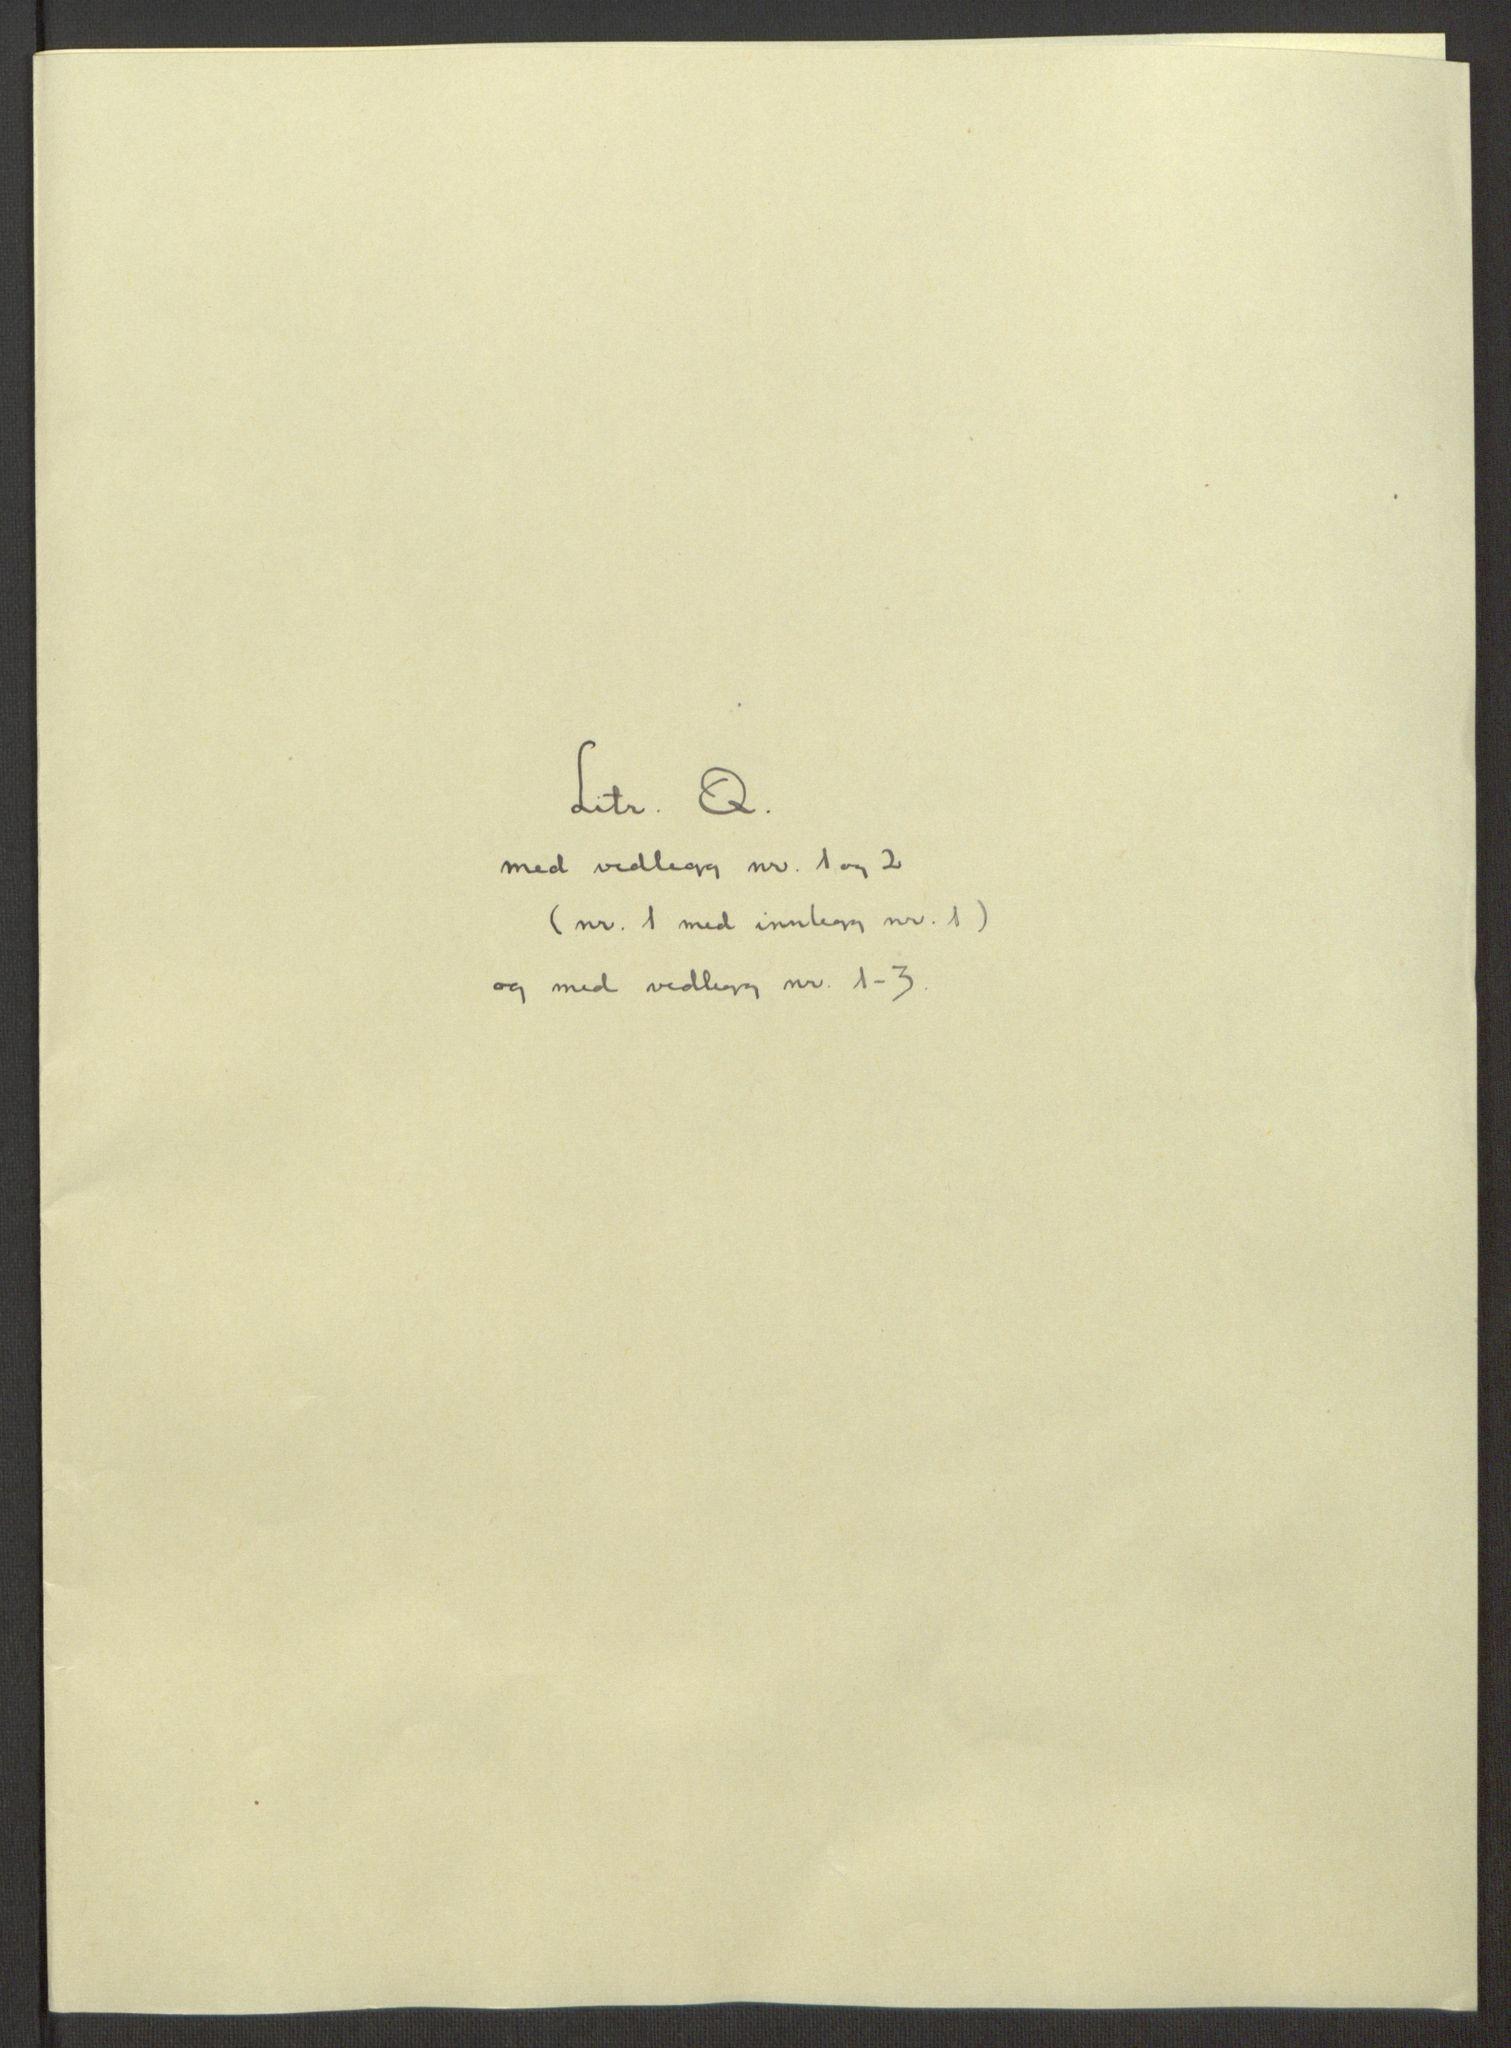 RA, Rentekammeret inntil 1814, Reviderte regnskaper, Fogderegnskap, R64/L4423: Fogderegnskap Namdal, 1690-1691, s. 308